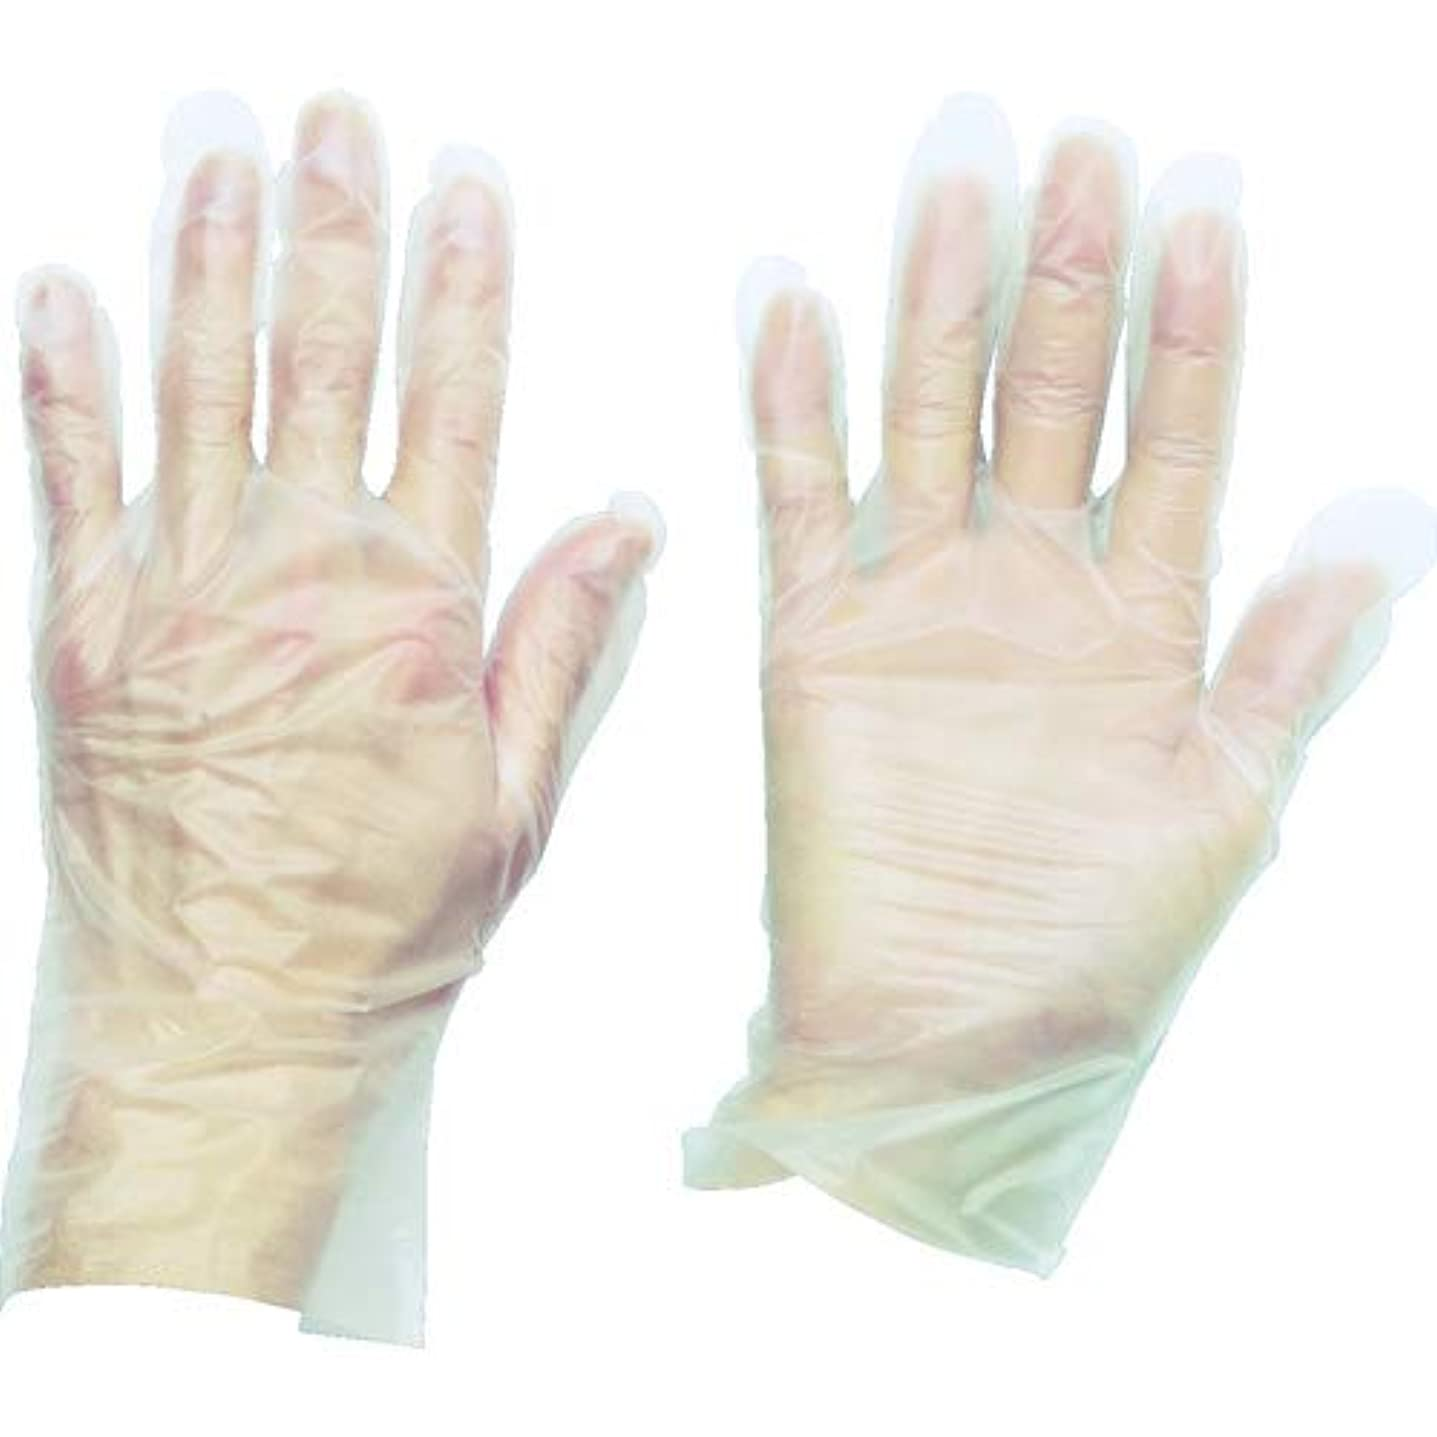 牧師ネブ高音トラスコ中山 株 TRUSCO ポリエチレン 使い捨て手袋 ウェーブカットタイプS 100枚入 TGCPE025S